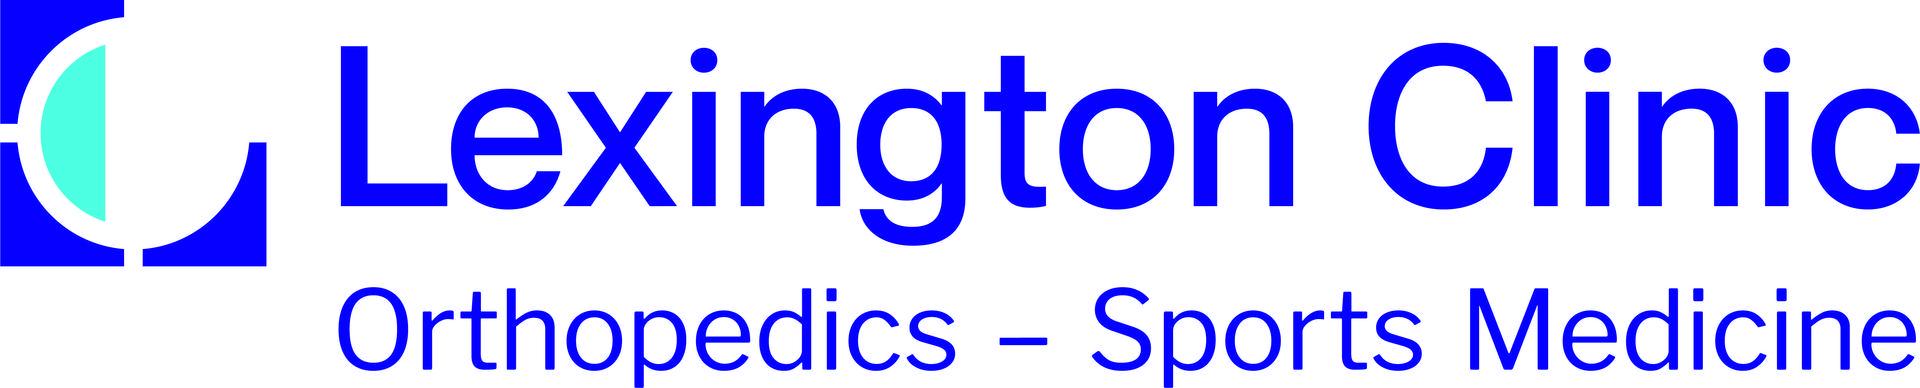 Lexington Clinic